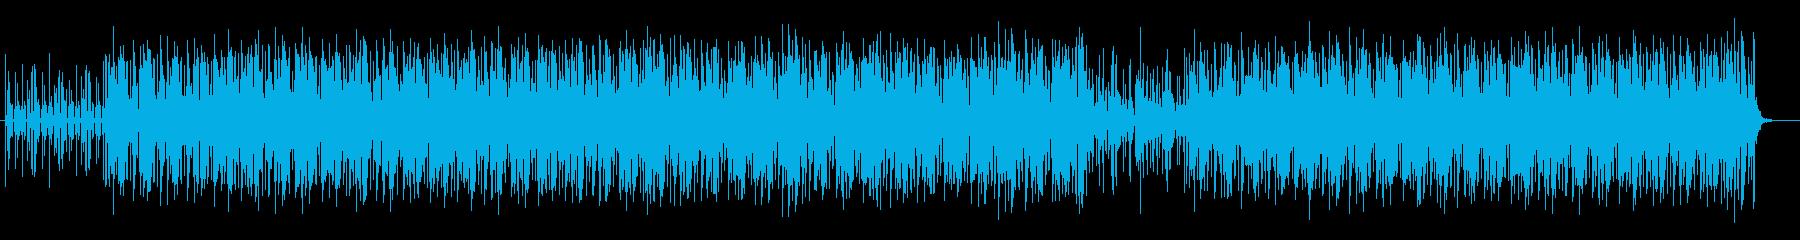 80sディスコ風のダンサブルなポップスの再生済みの波形